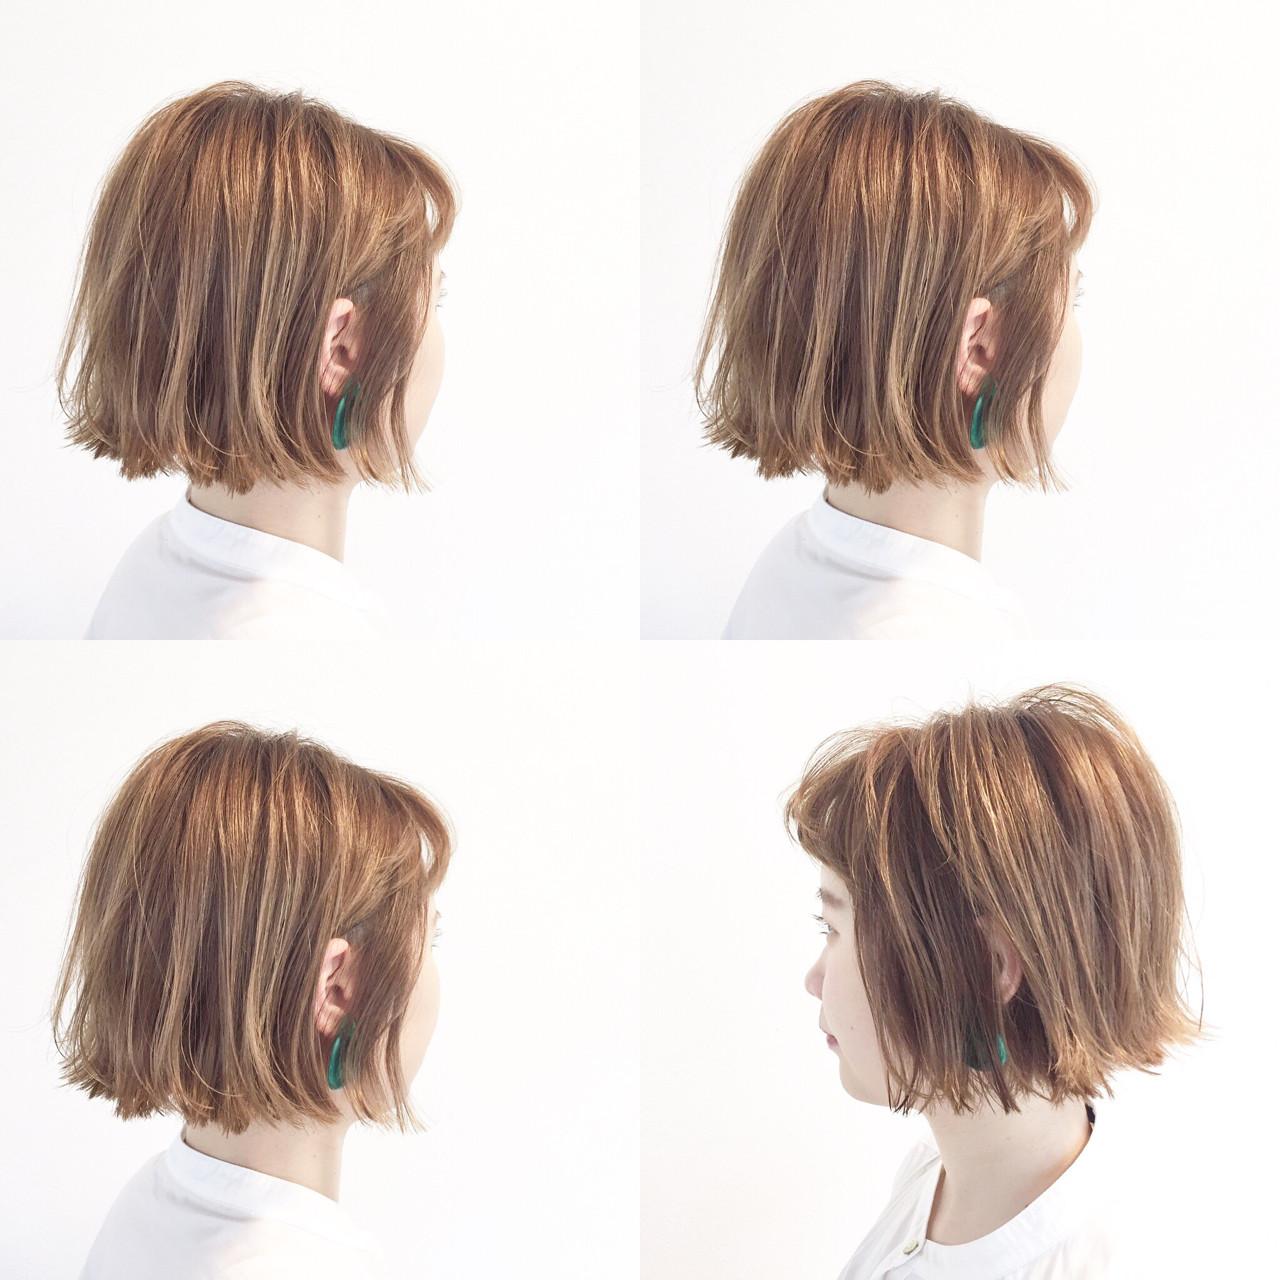 ボブ アンニュイ ヌーディベージュ ショートボブ ヘアスタイルや髪型の写真・画像